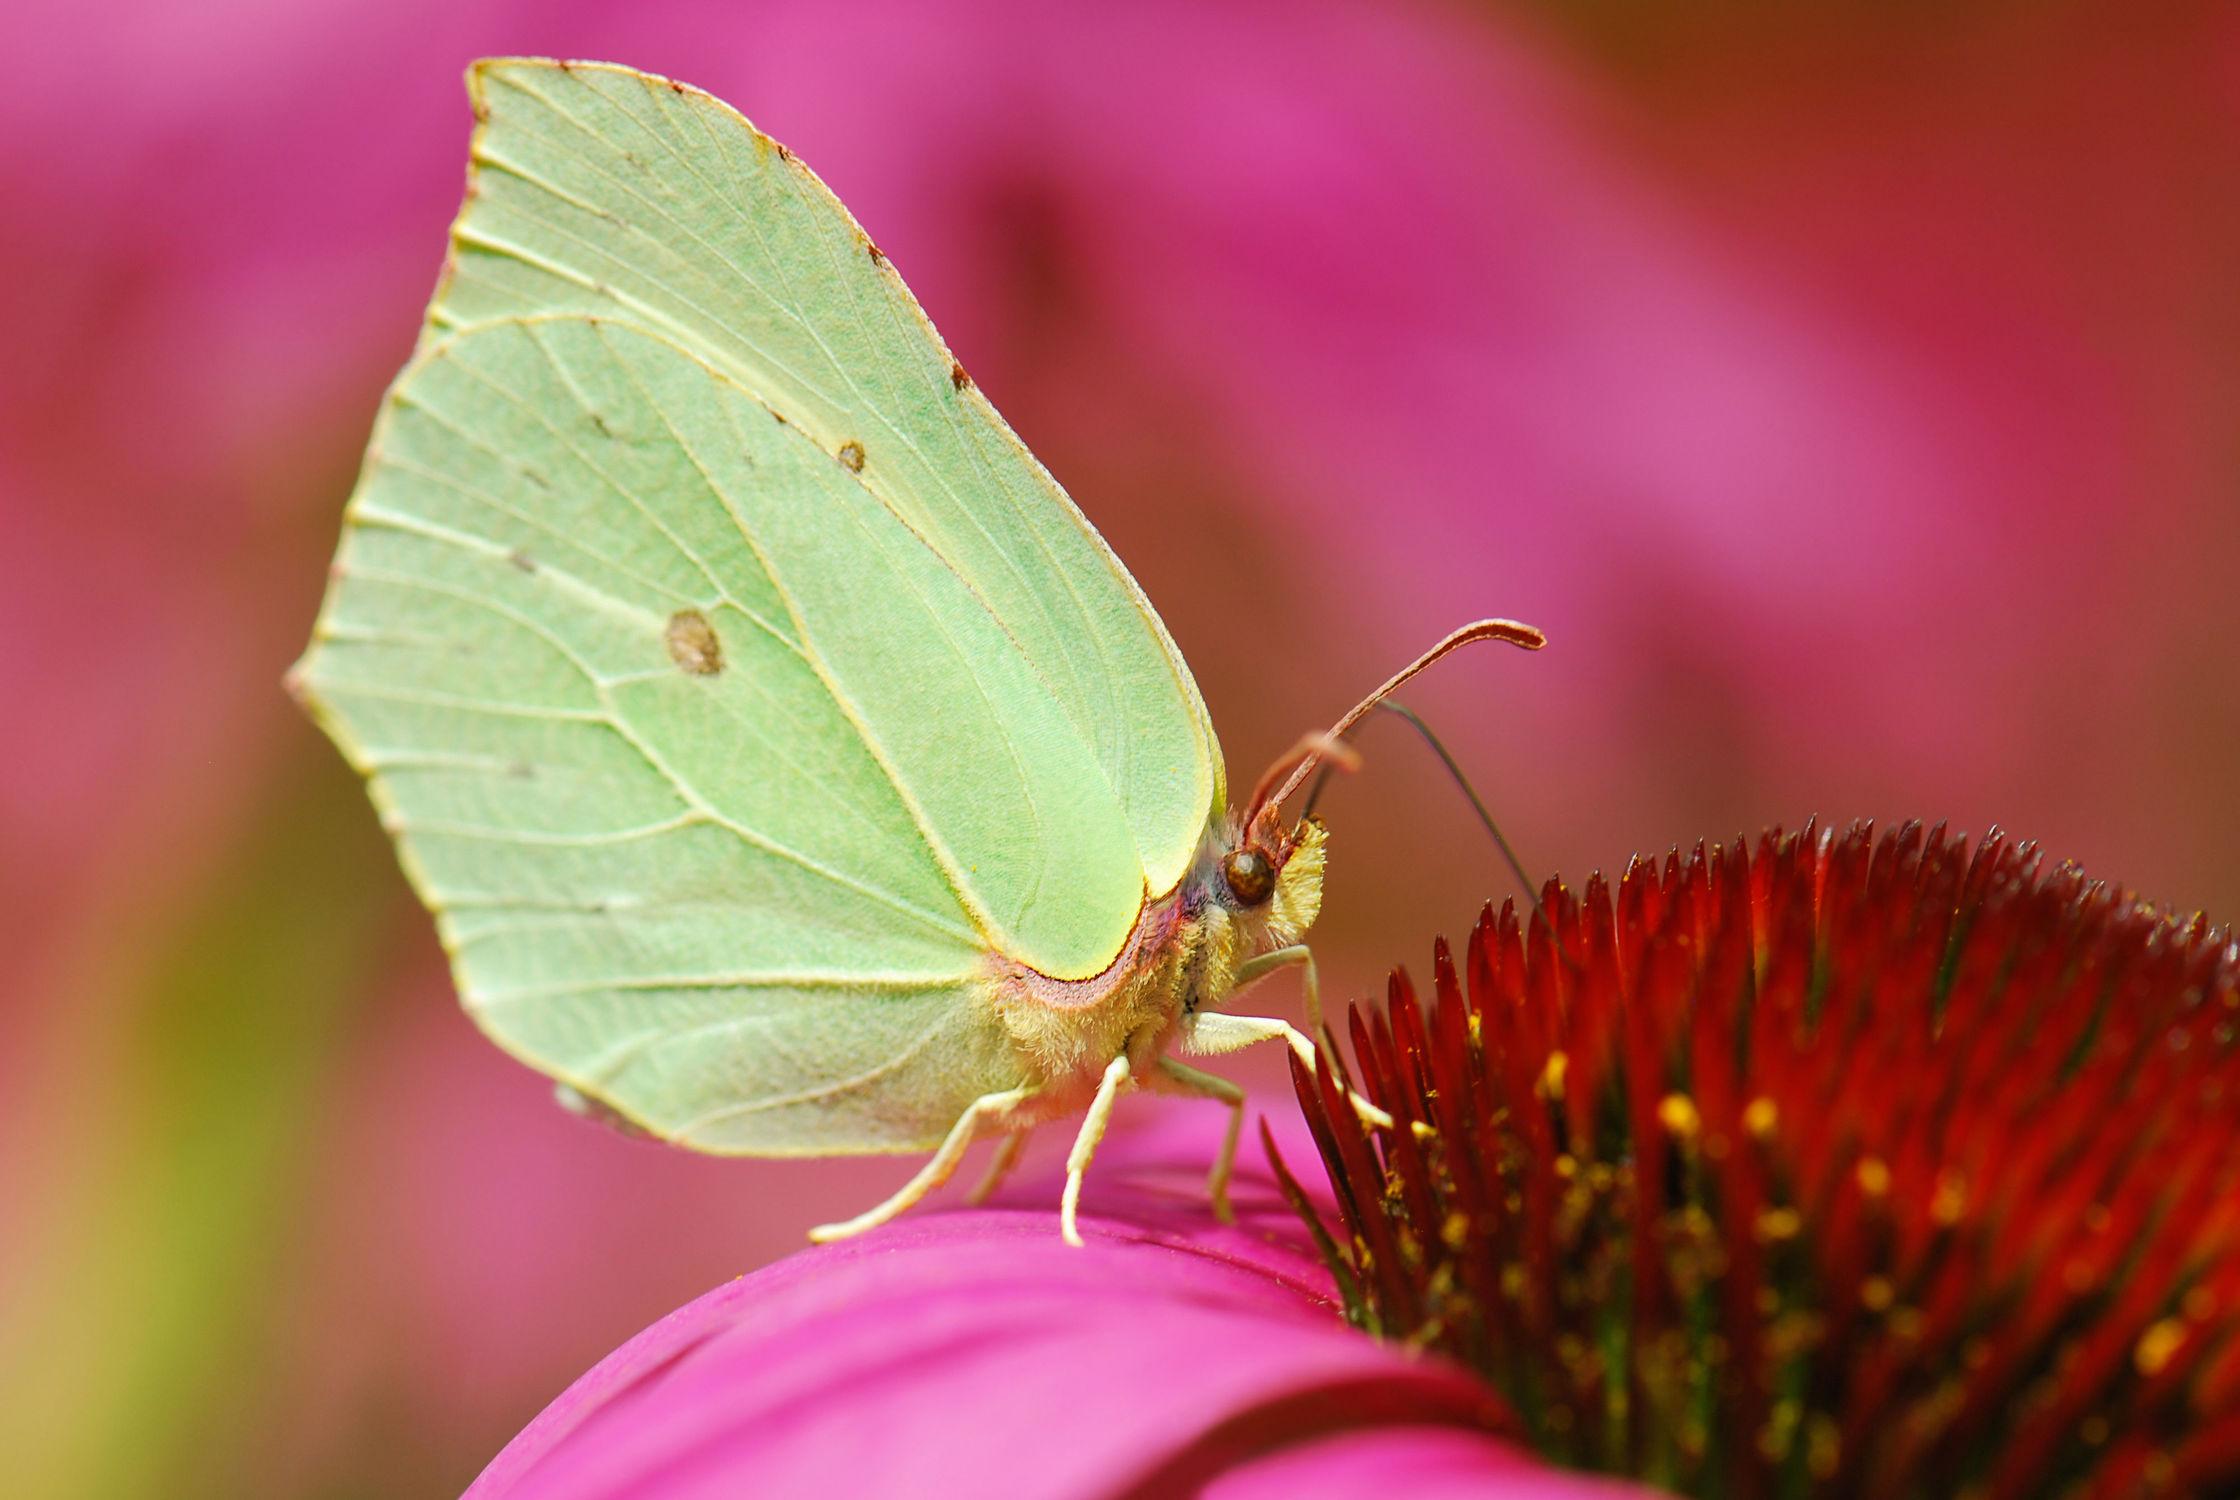 Bild mit Tiere, Tiere, Natur, Blumen, Insekten, Sommer, Schmetterlinge, Tier, Blume, Fauna, Blüten, Schmetterling, blüte, Sonnenhut, Nektar, Falter, Insekt, Zitronenfalter